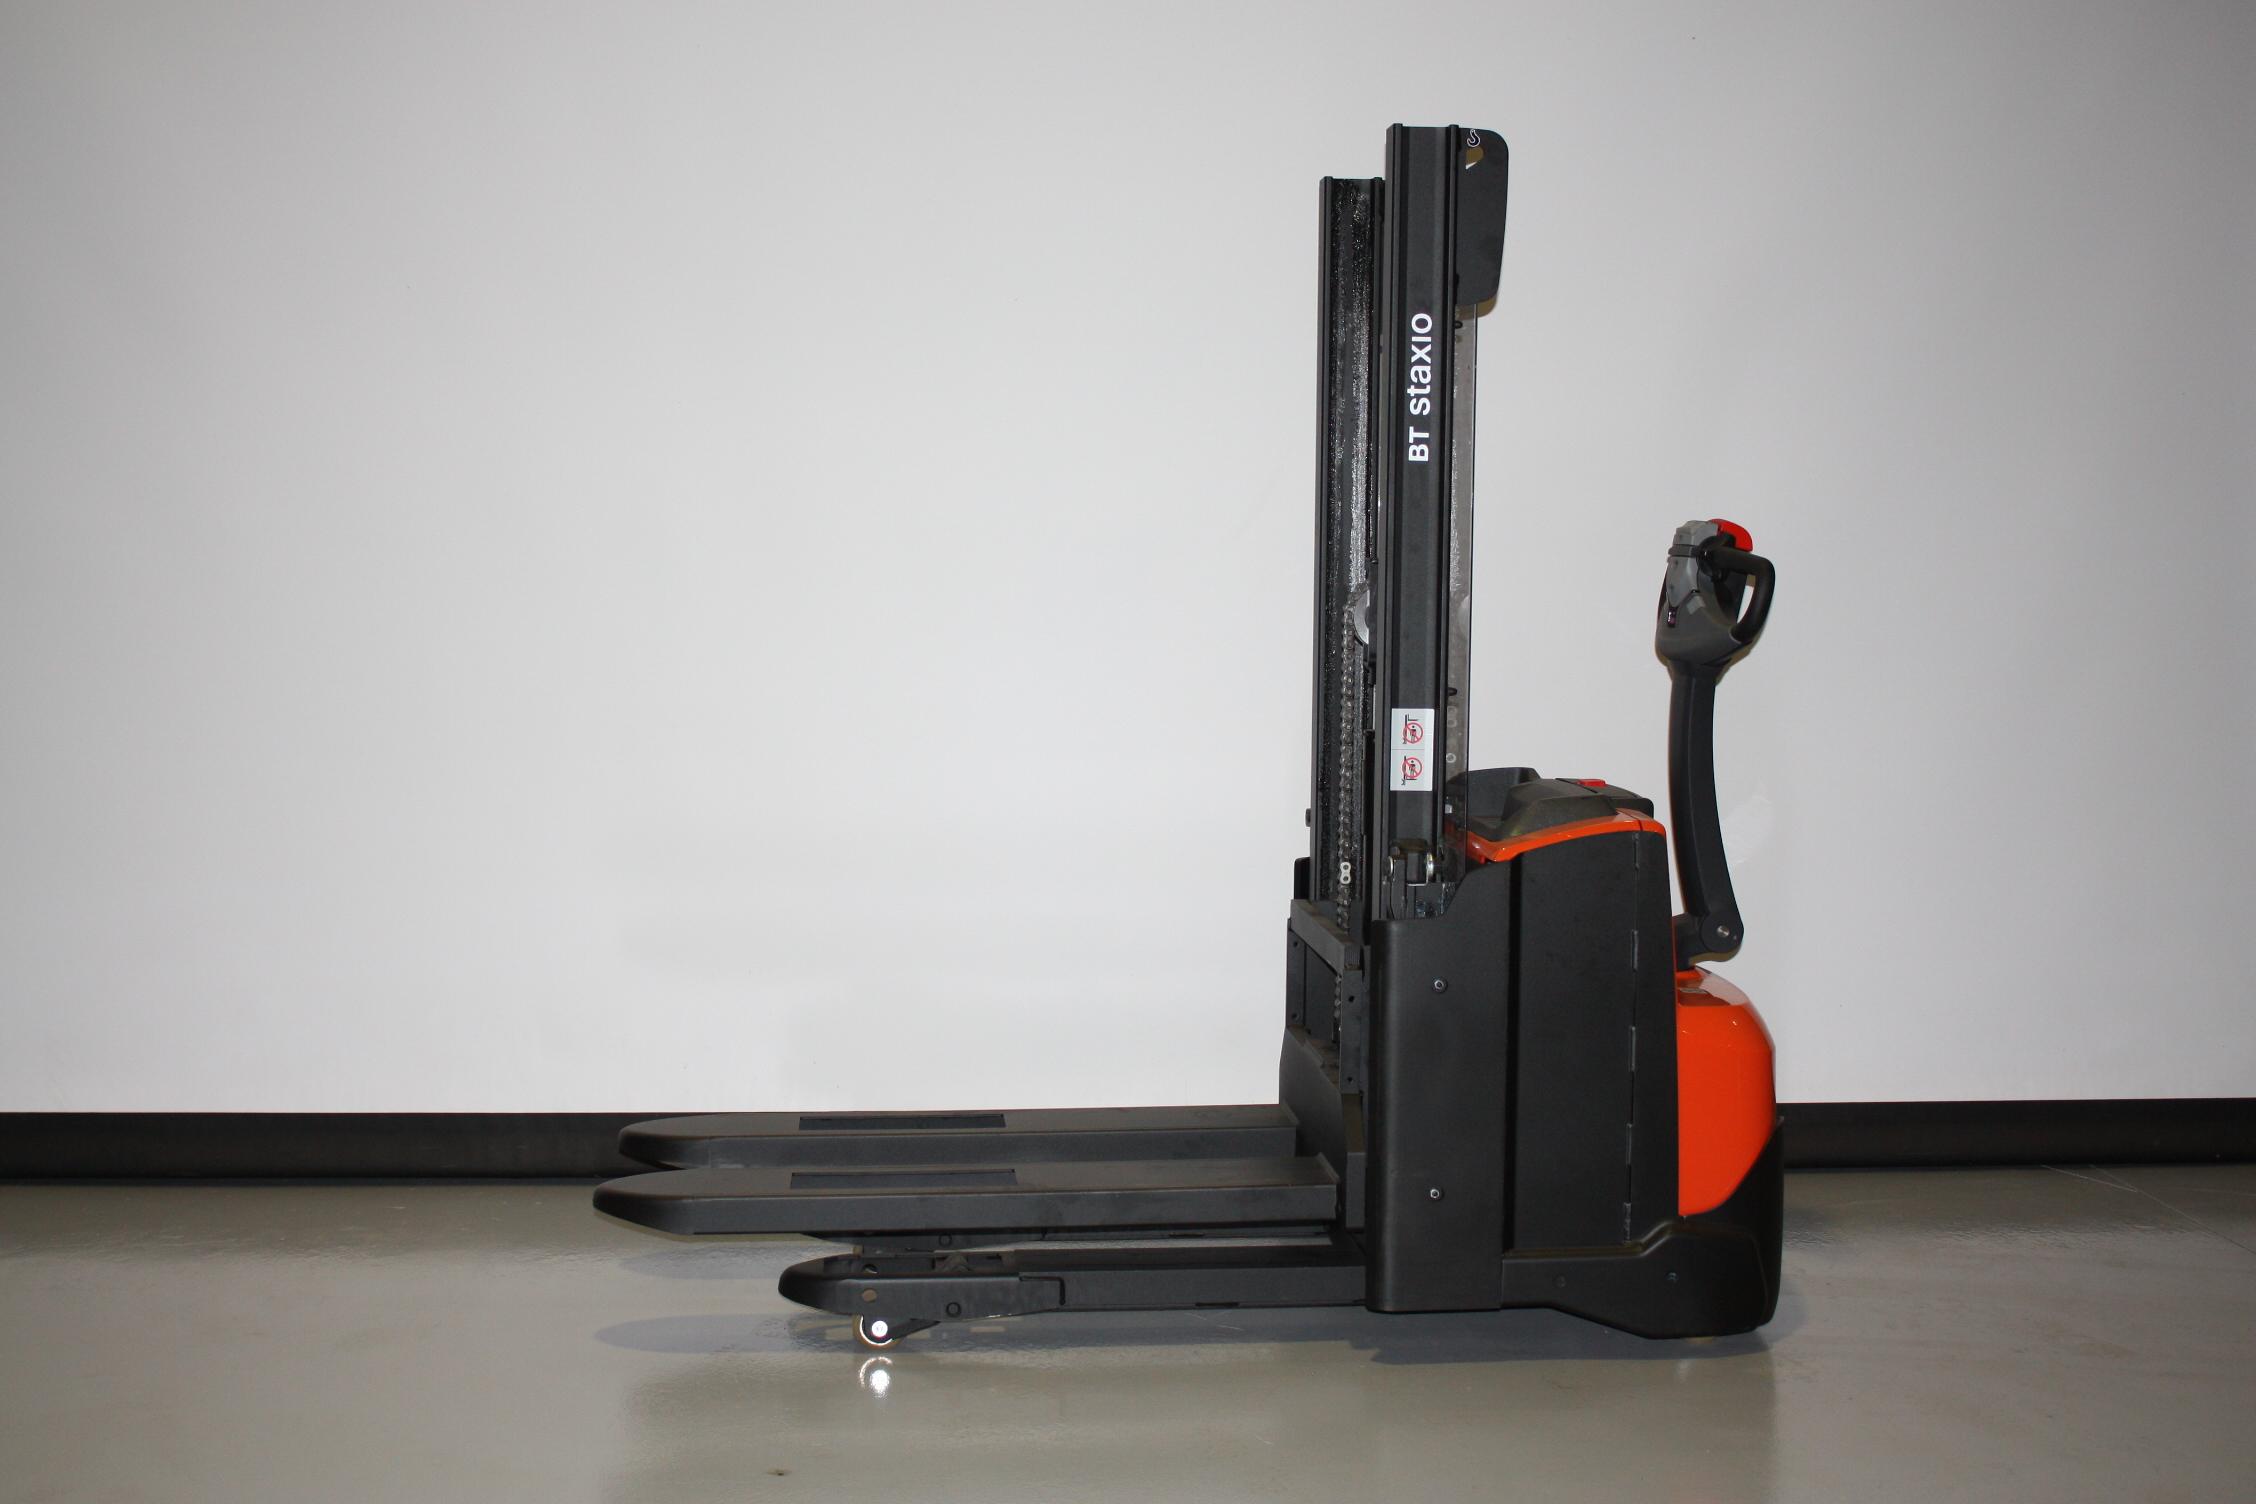 Toyota-Gabelstapler-59840 2009012280 1 6